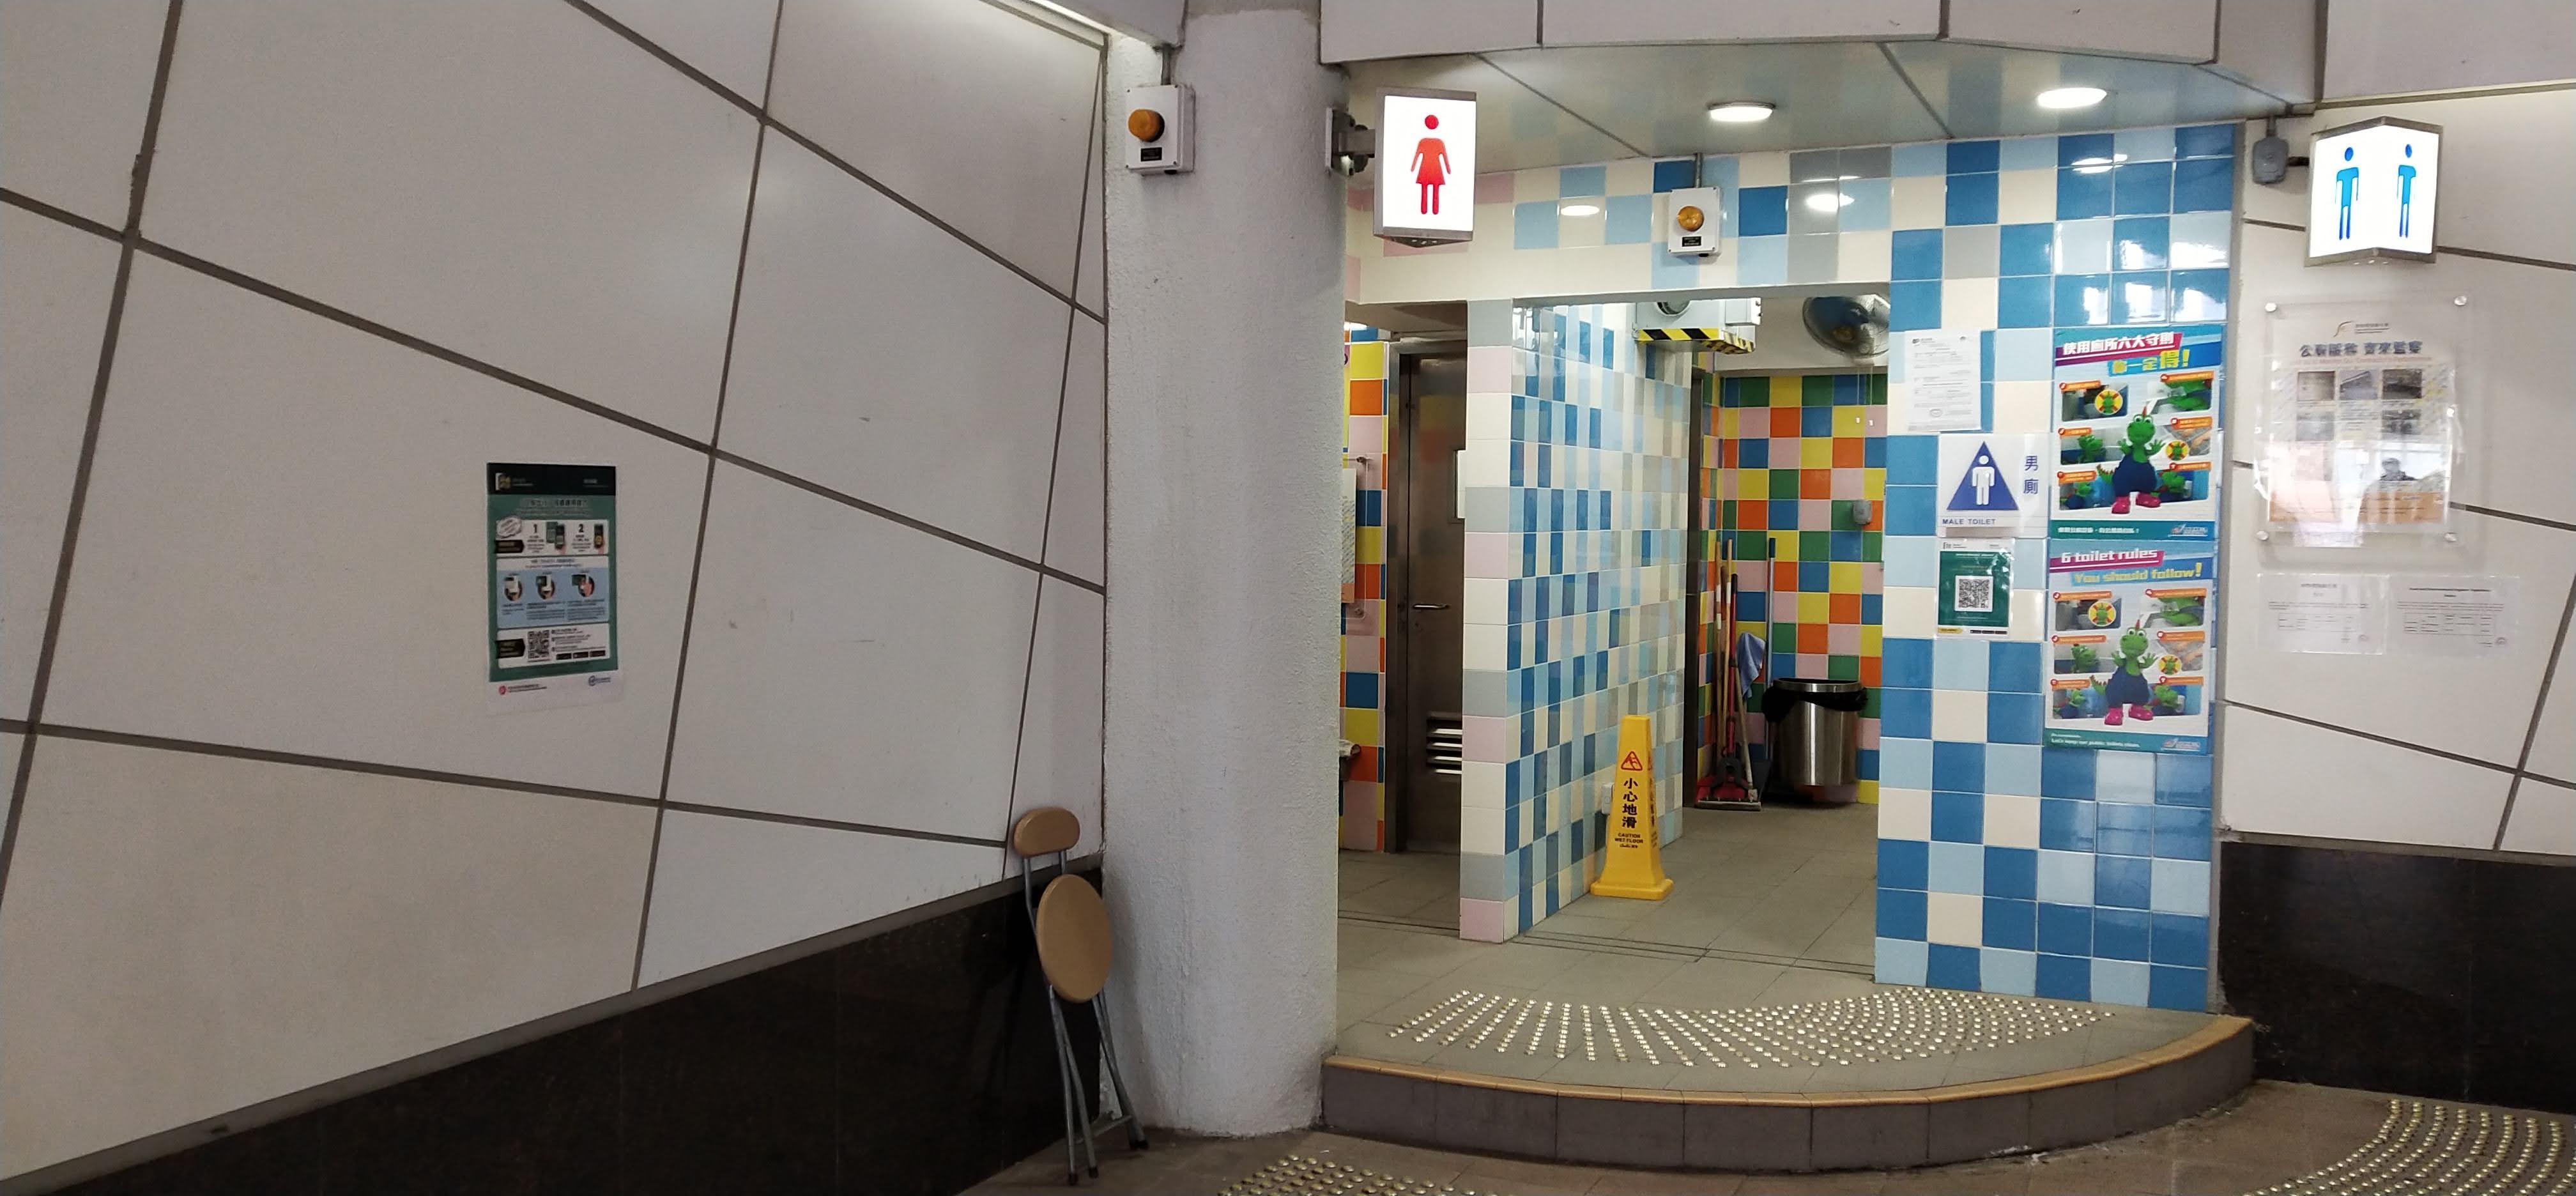 Tsuen Wan Multi-storey Carpark Building Public Toilet has a colorful decoration